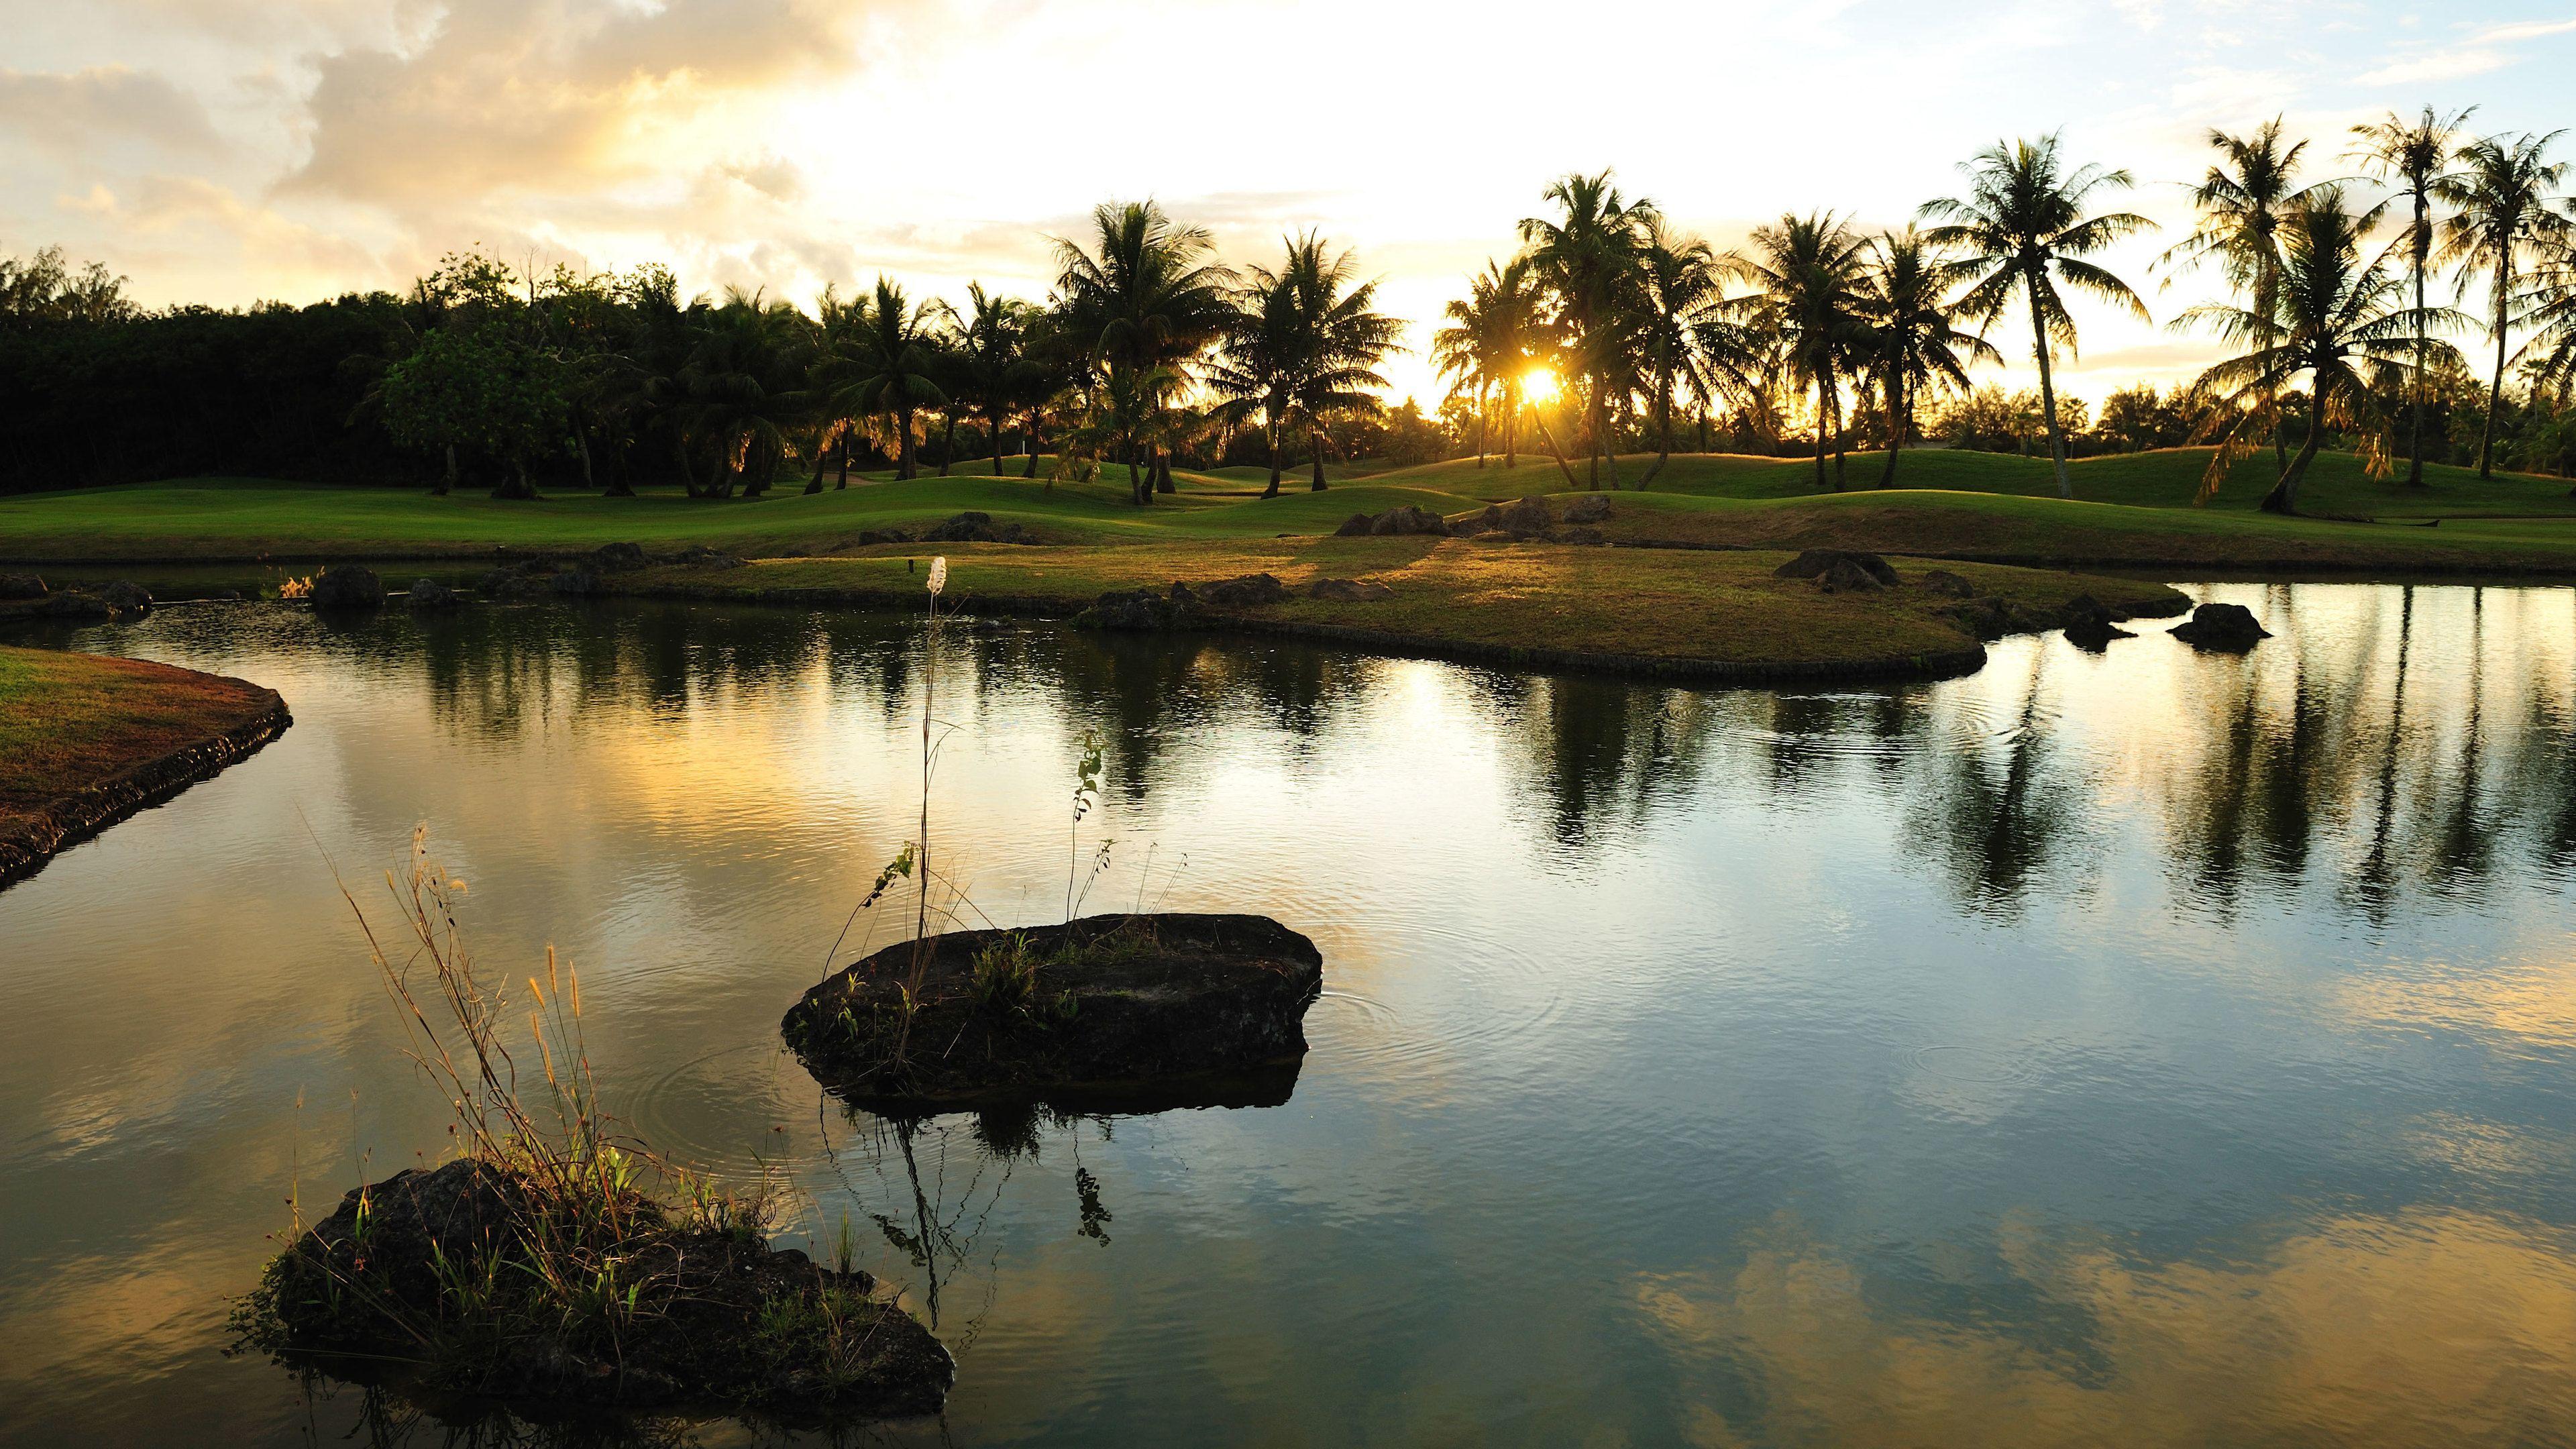 グアム インターナショナル カントリー クラブで 9 ホールのゴルフ ツアー